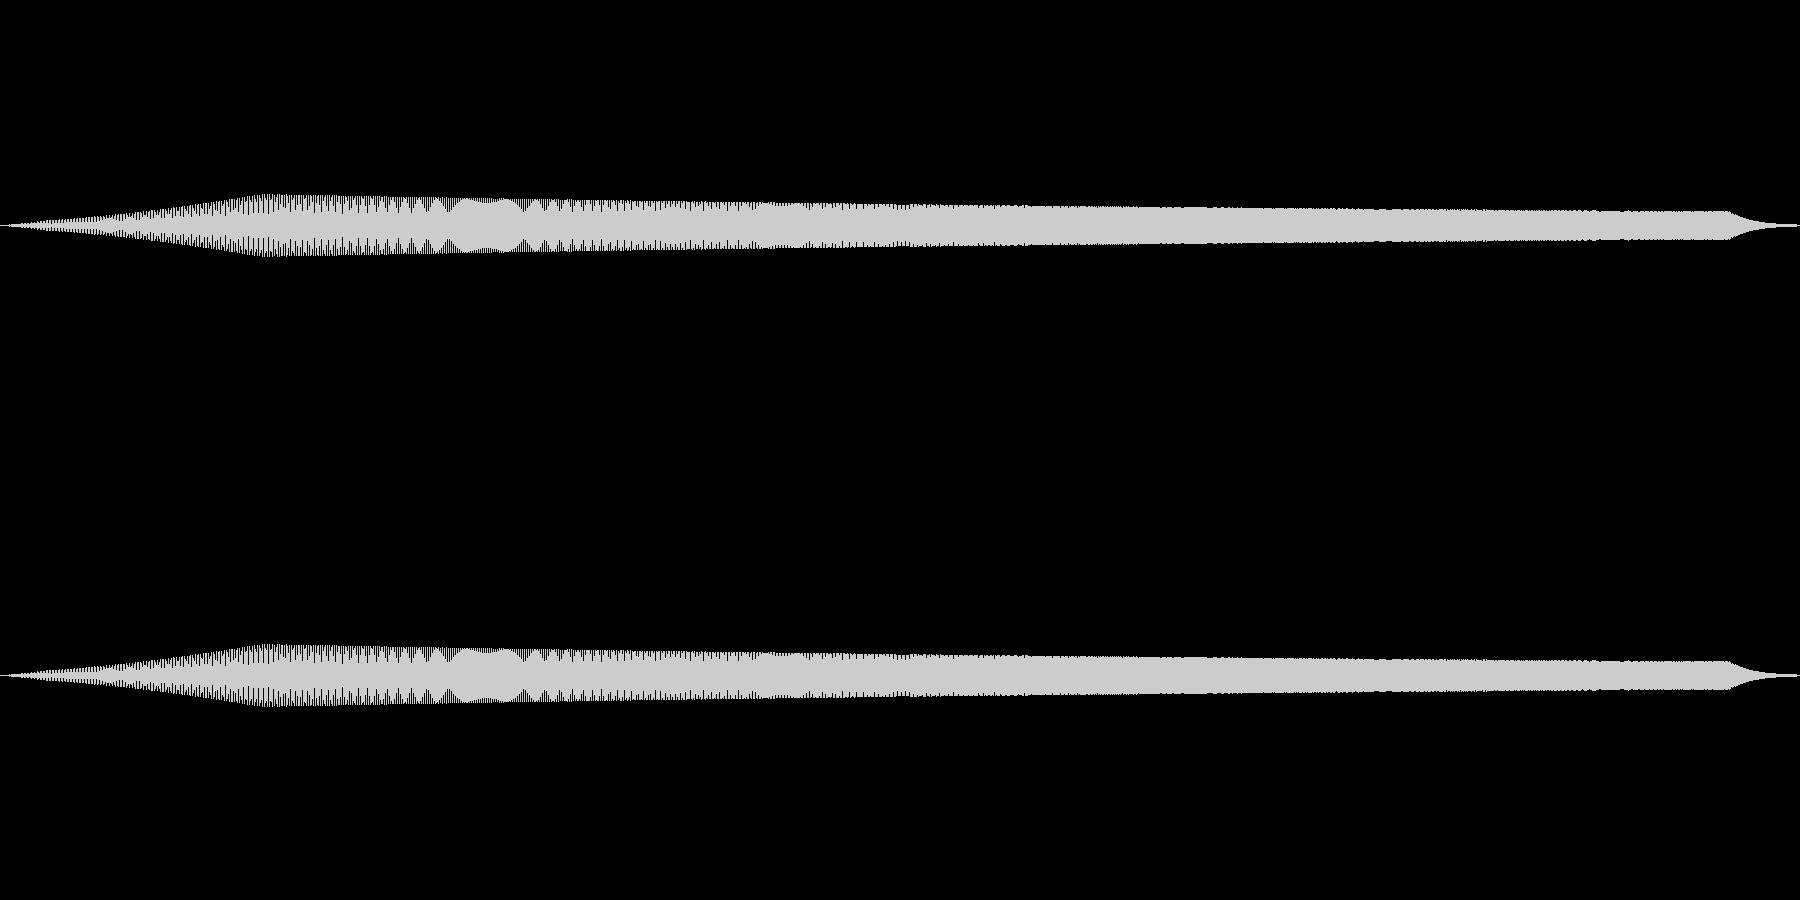 ヒョイ(動作やスライド音などに)の未再生の波形